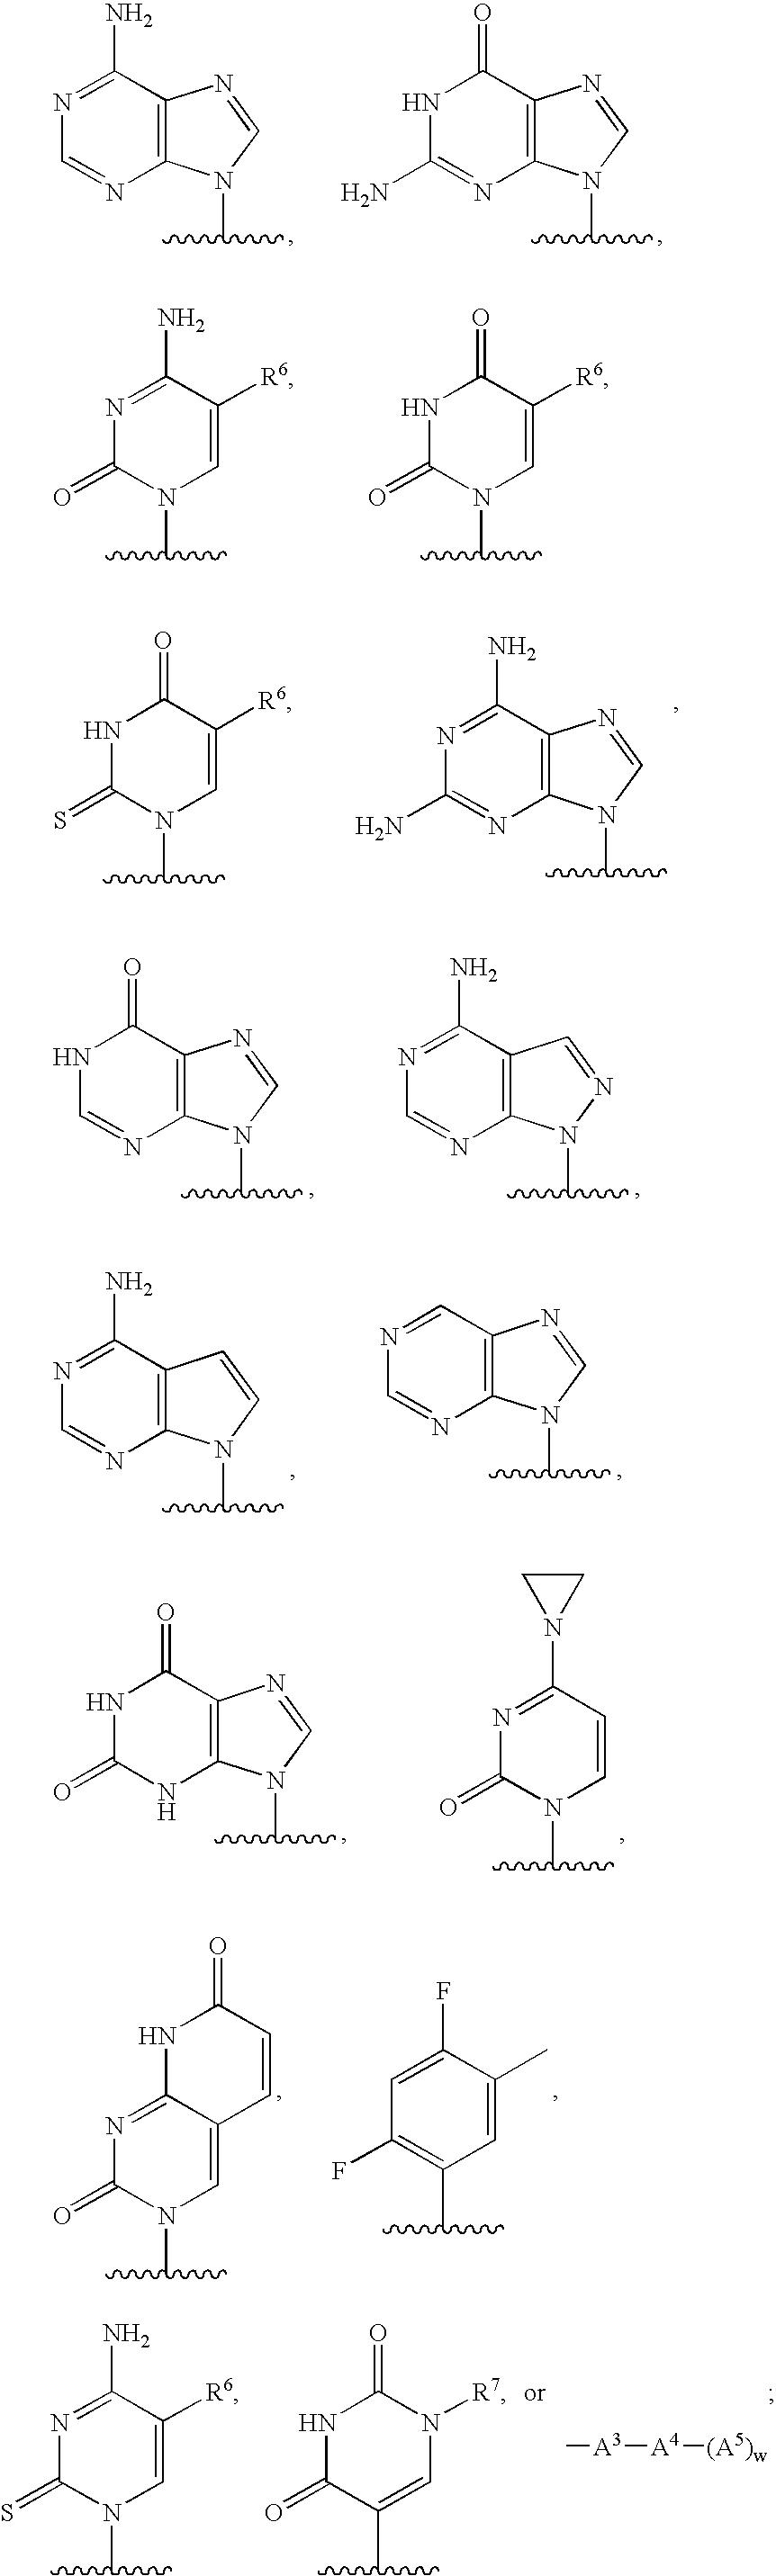 Figure US07674778-20100309-C00171